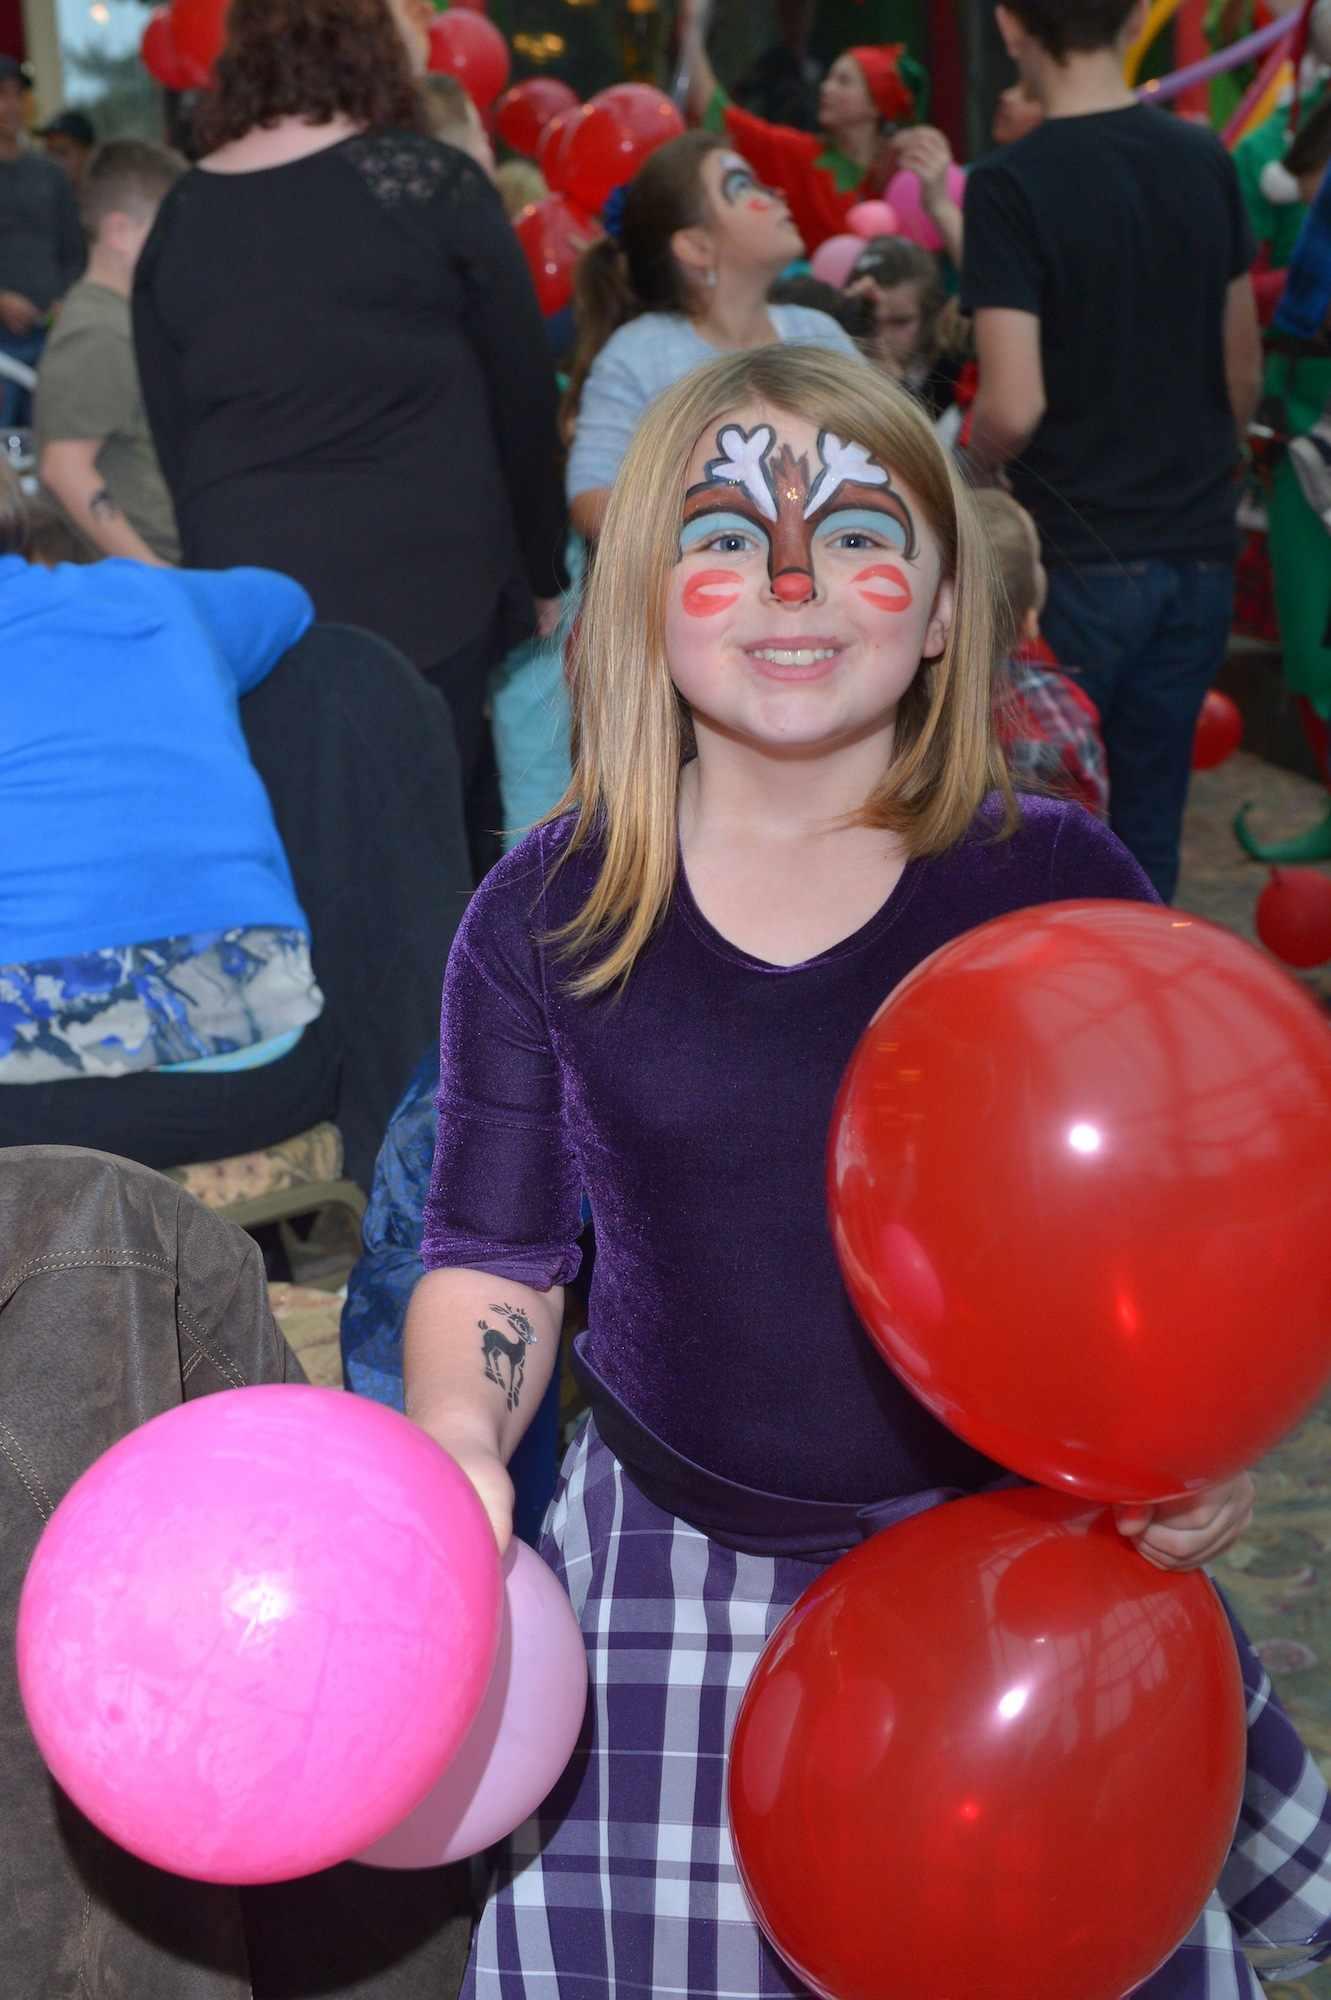 chrismas party photos